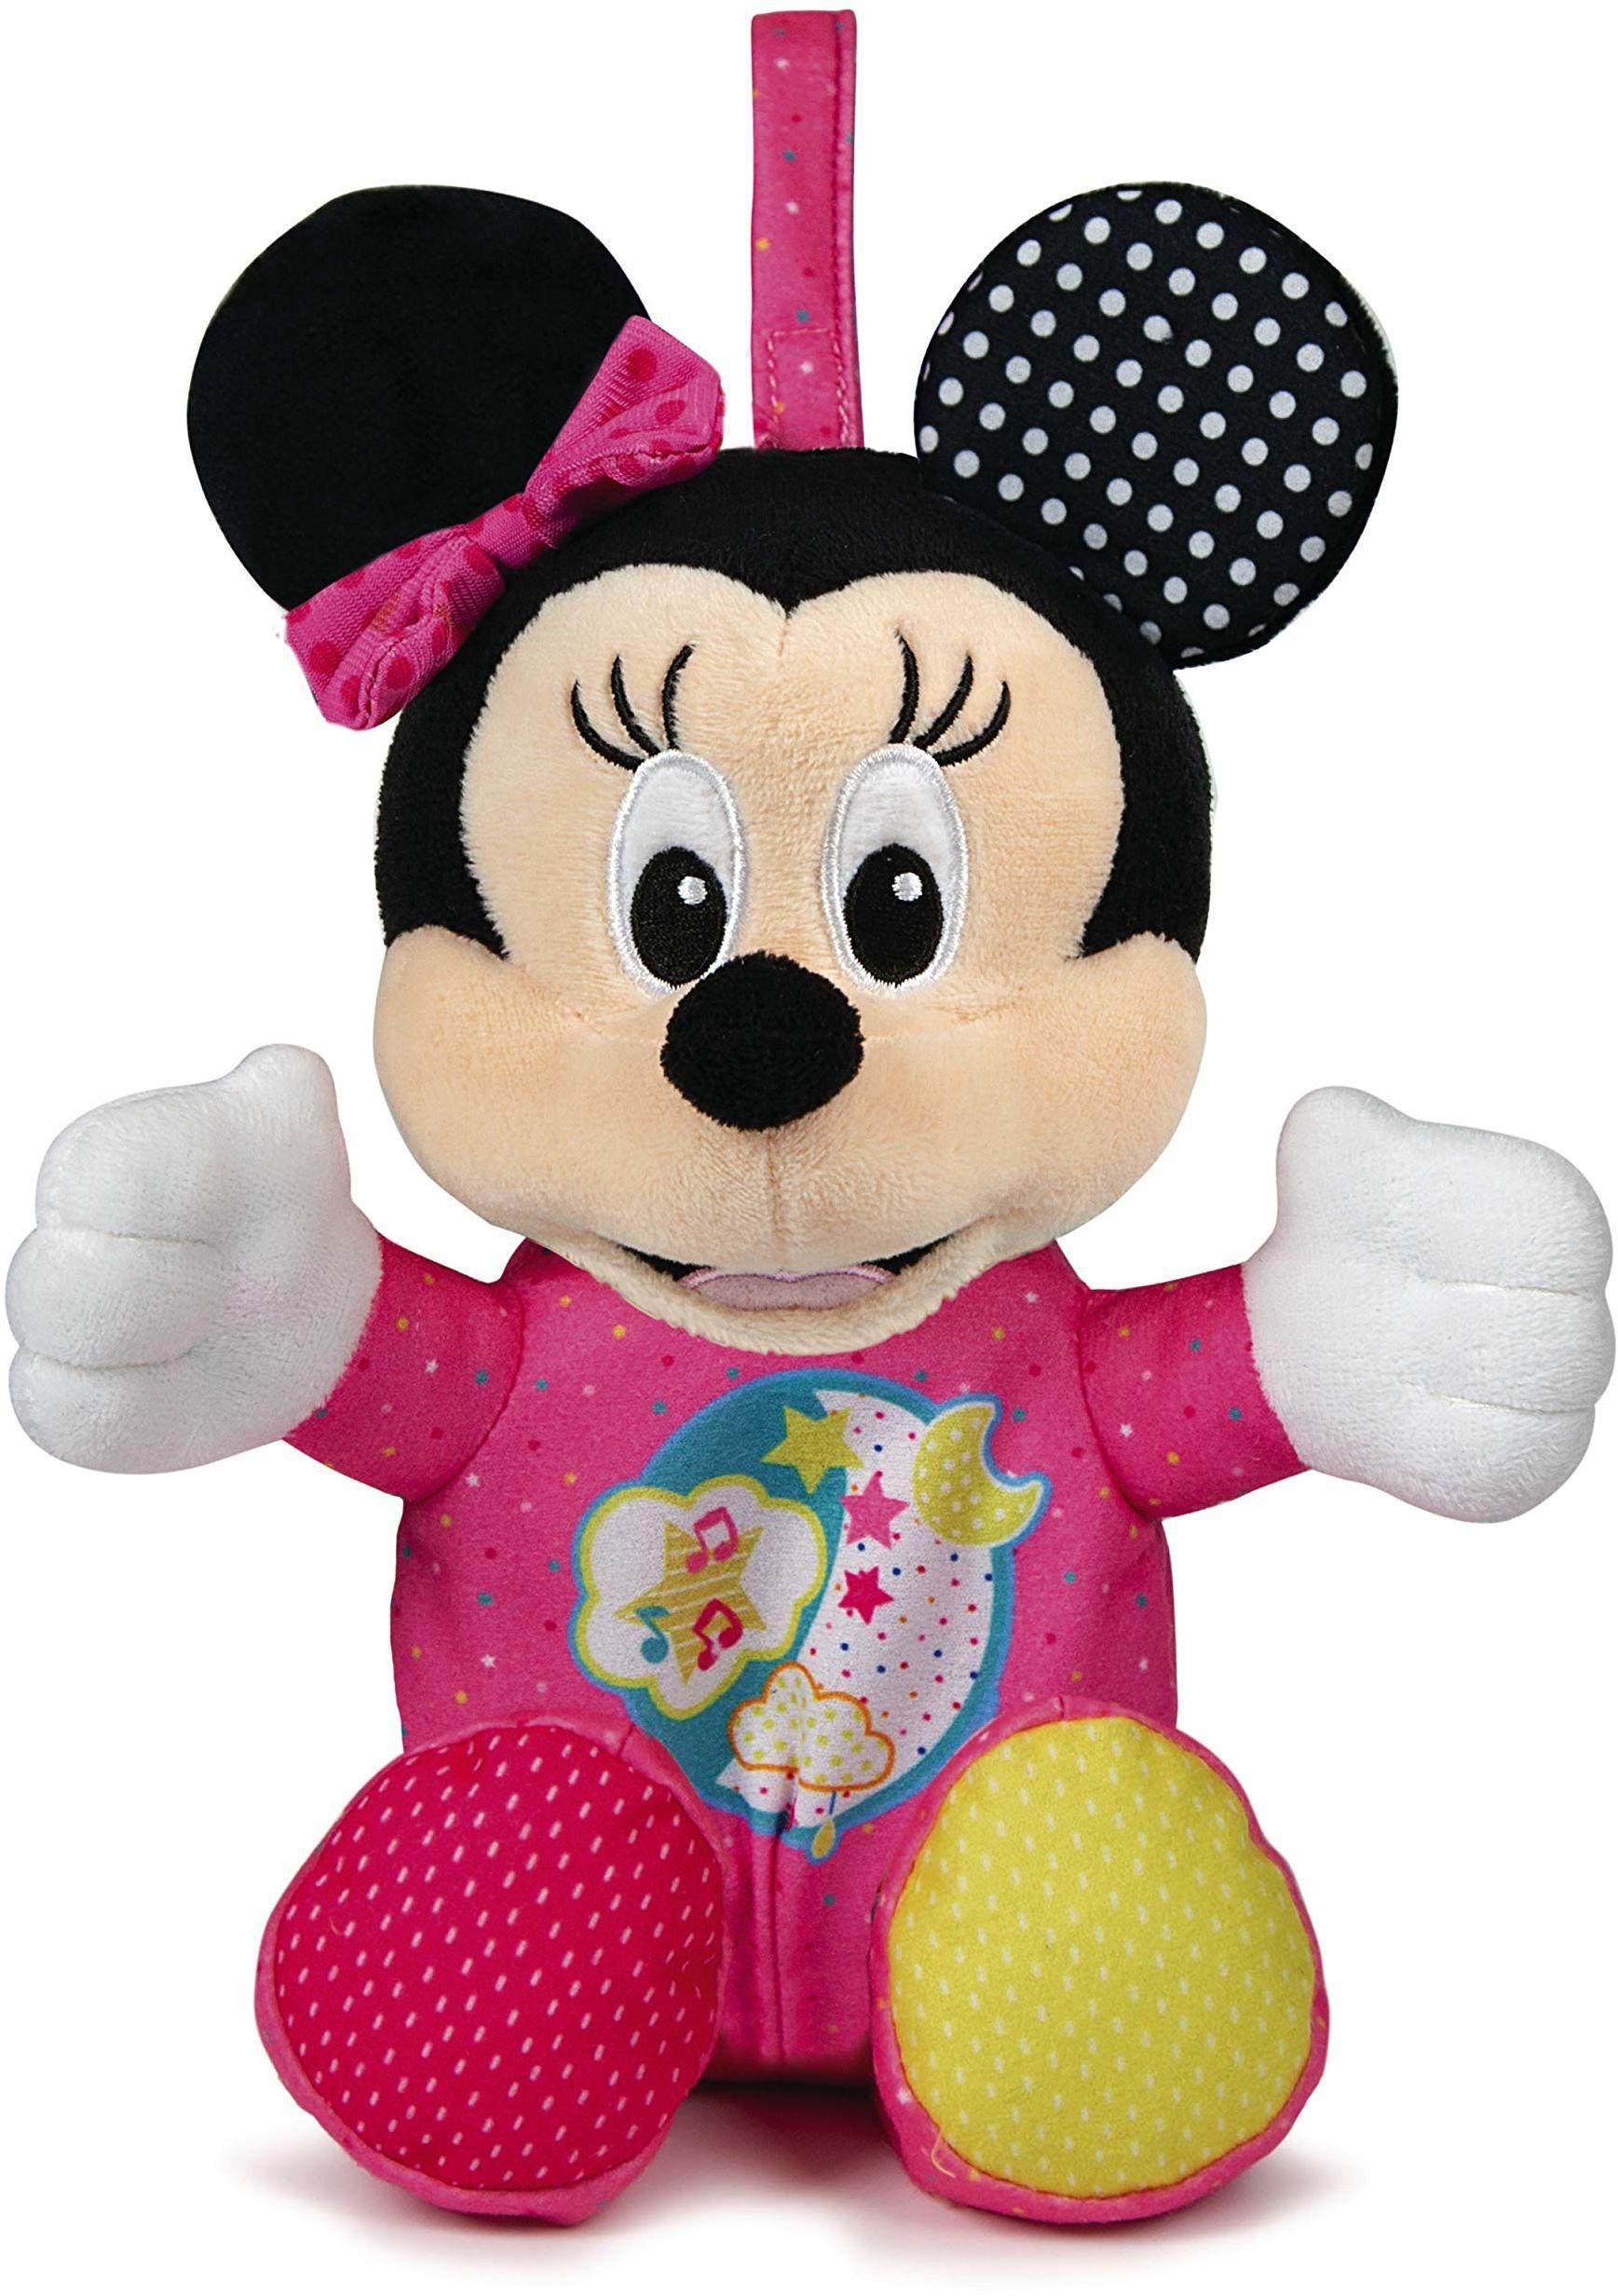 Clementoni 17207 Disney Baby  Minnie świecący pluszak dla małych dzieci i niemowląt, pluszak ze światłem i muzyką, pomoc w zasypianiu dla dzieci